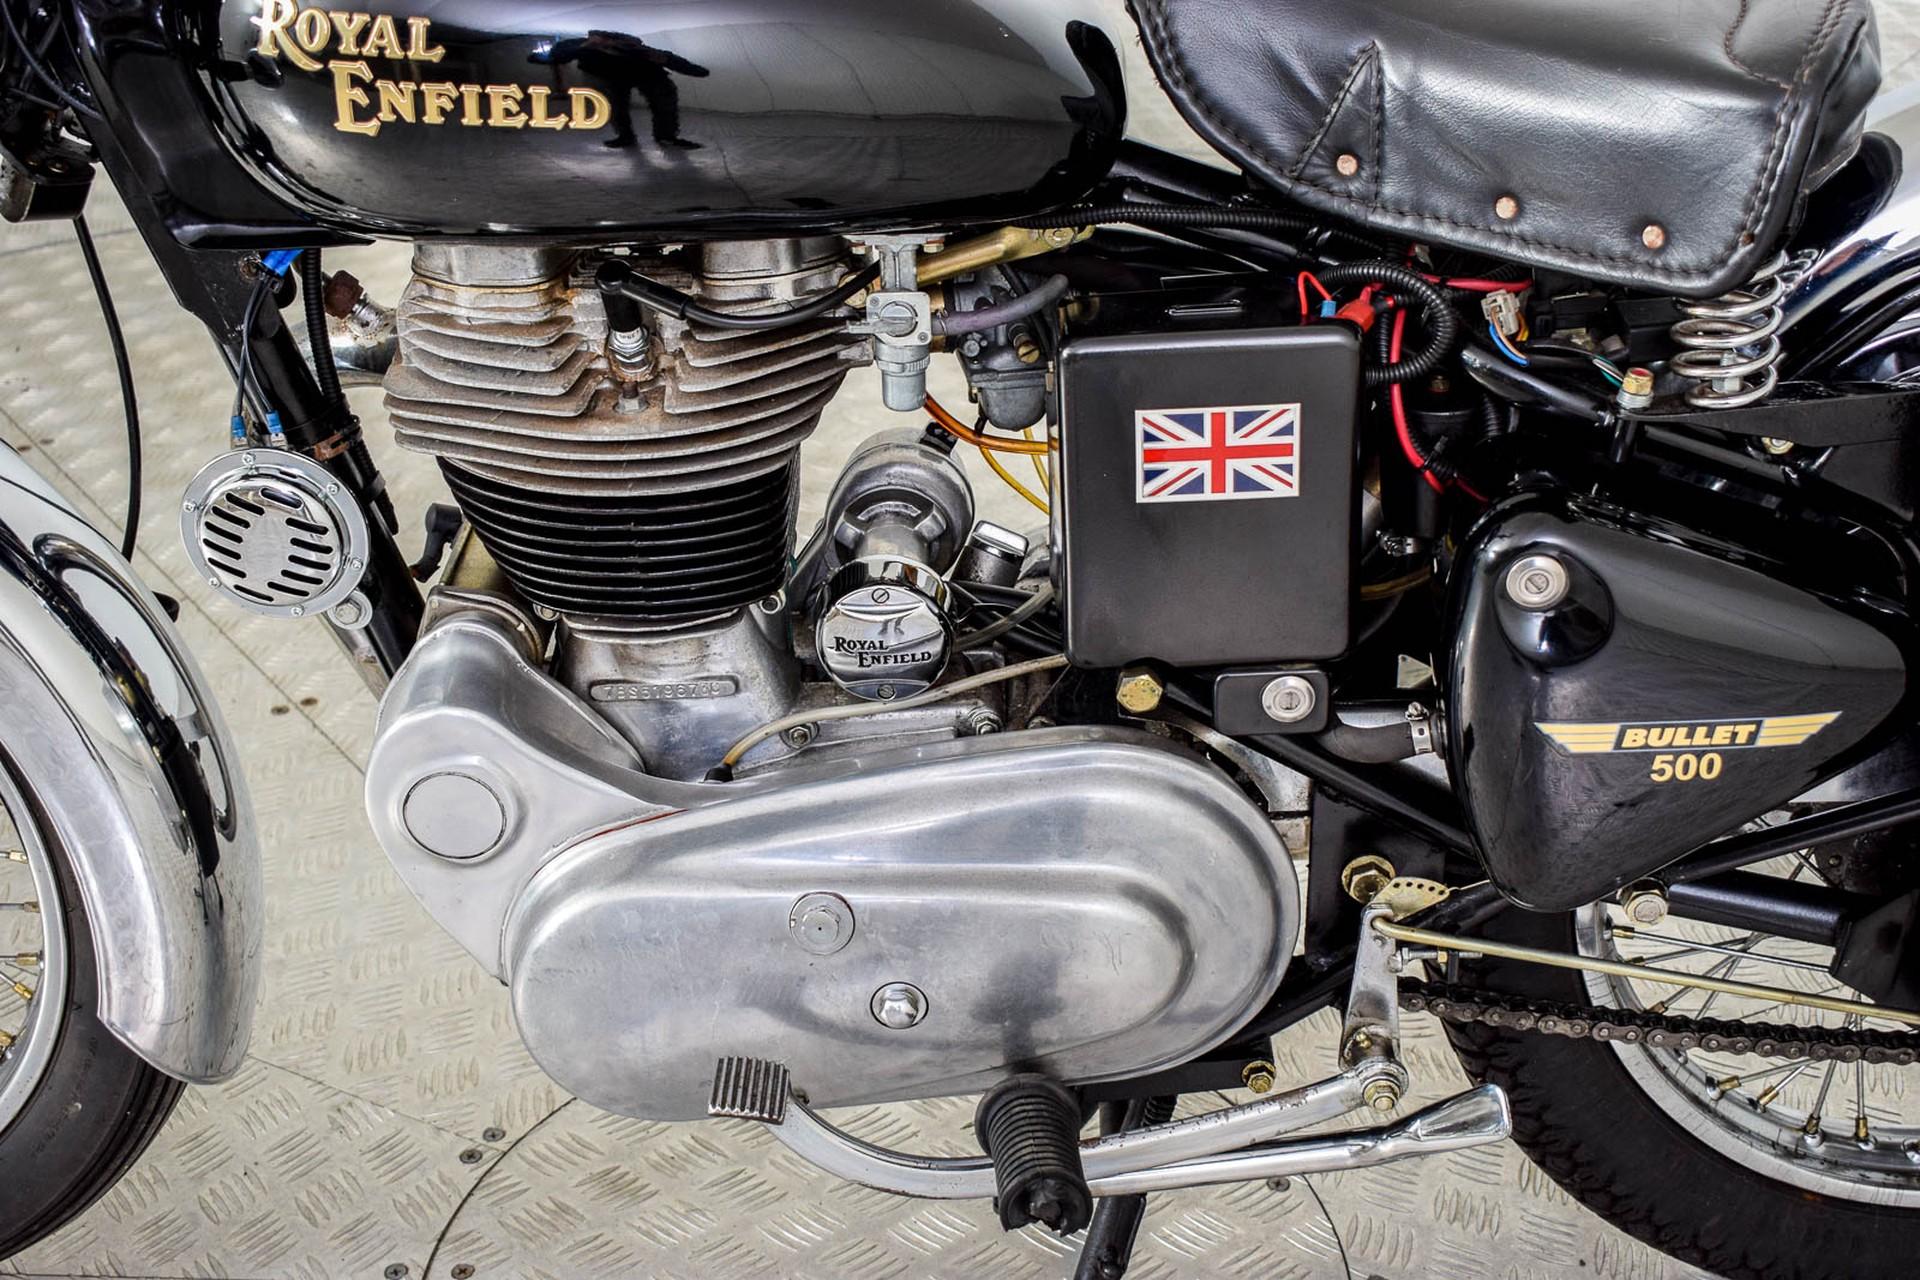 ROYAL ENFIELD  Tour BULLET 500 slechts 1965 KM! Foto 34